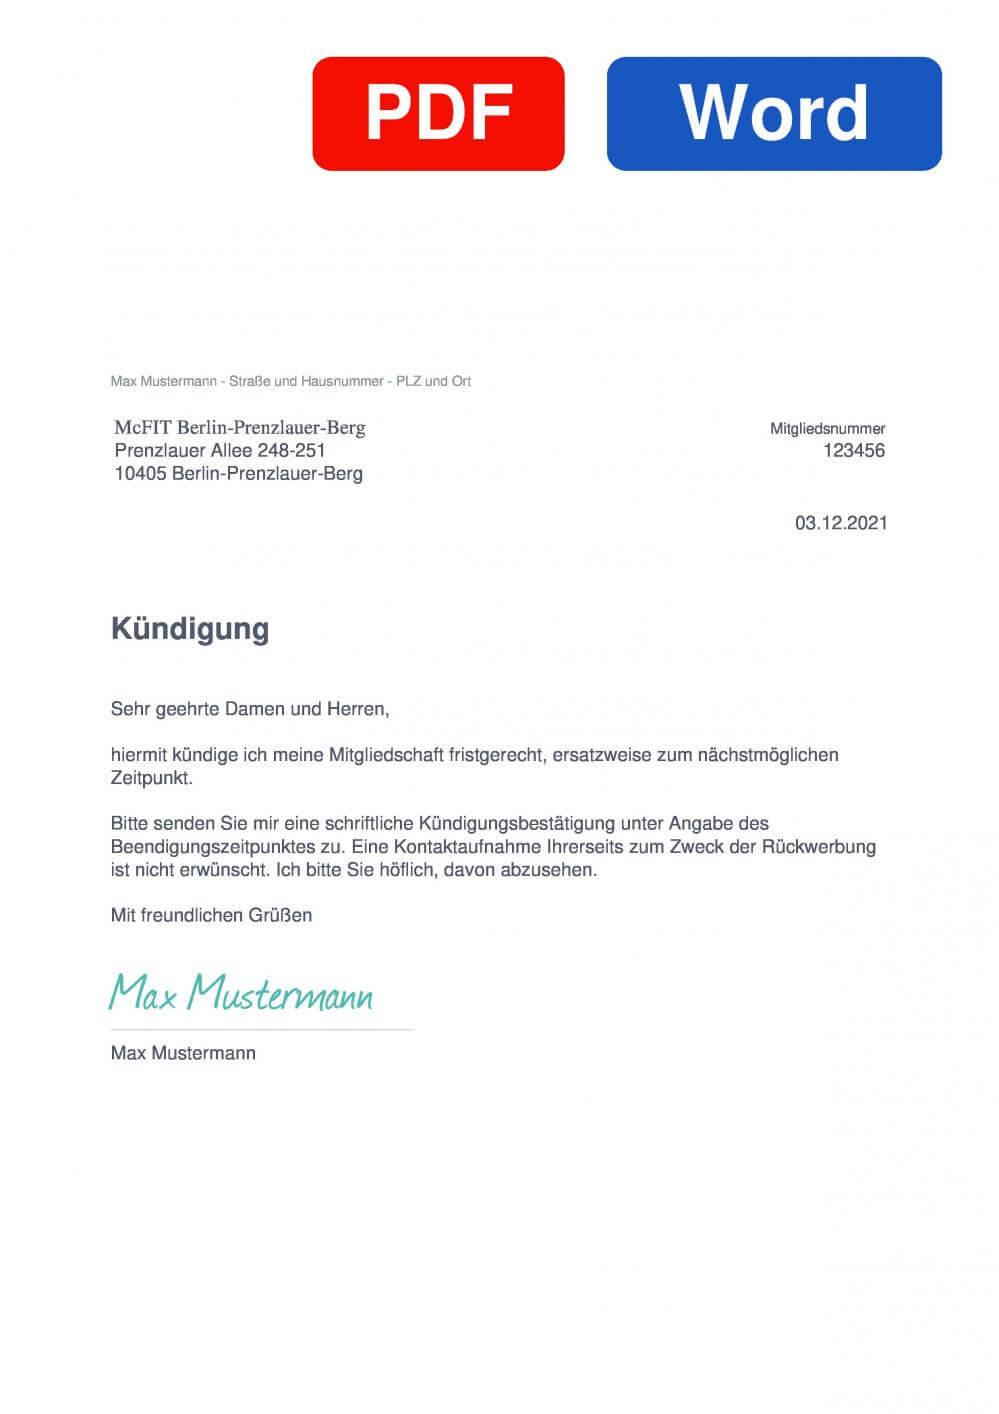 McFIT Berlin-Prenzlauer-Berg Muster Vorlage für Kündigungsschreiben